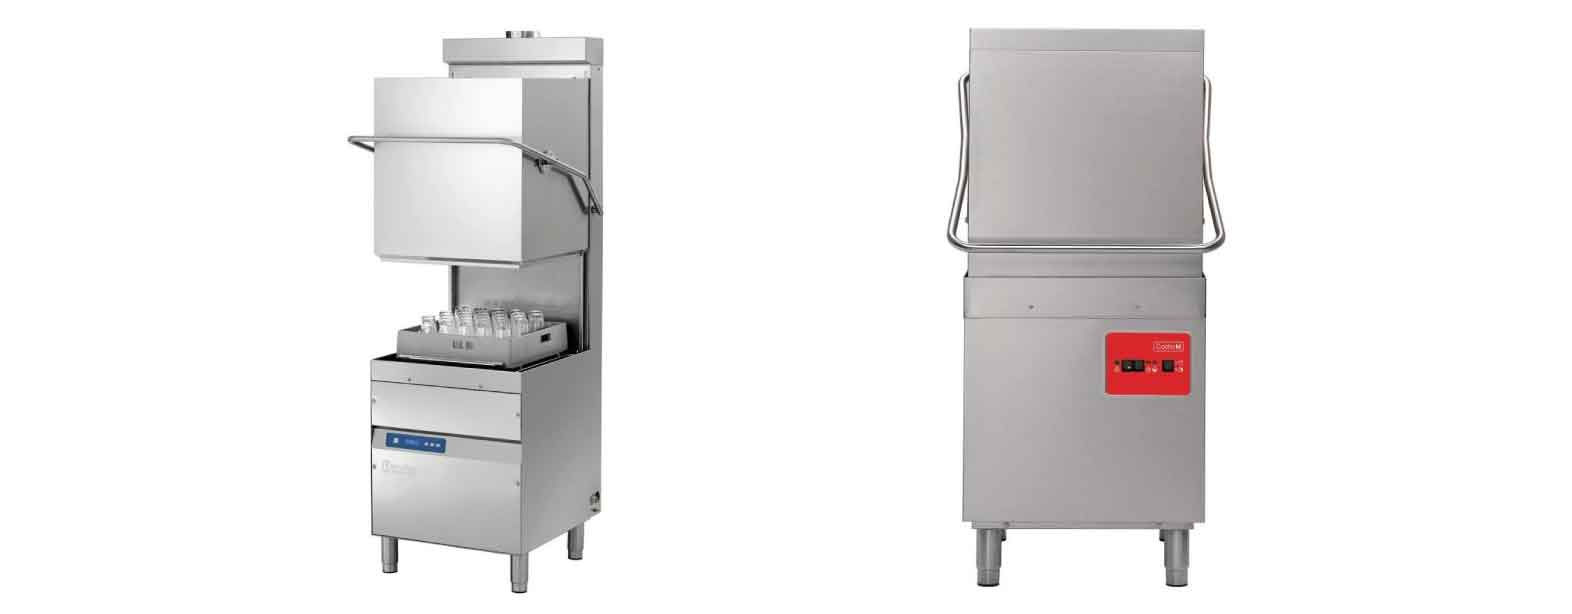 Laves-Vaisselle à capot